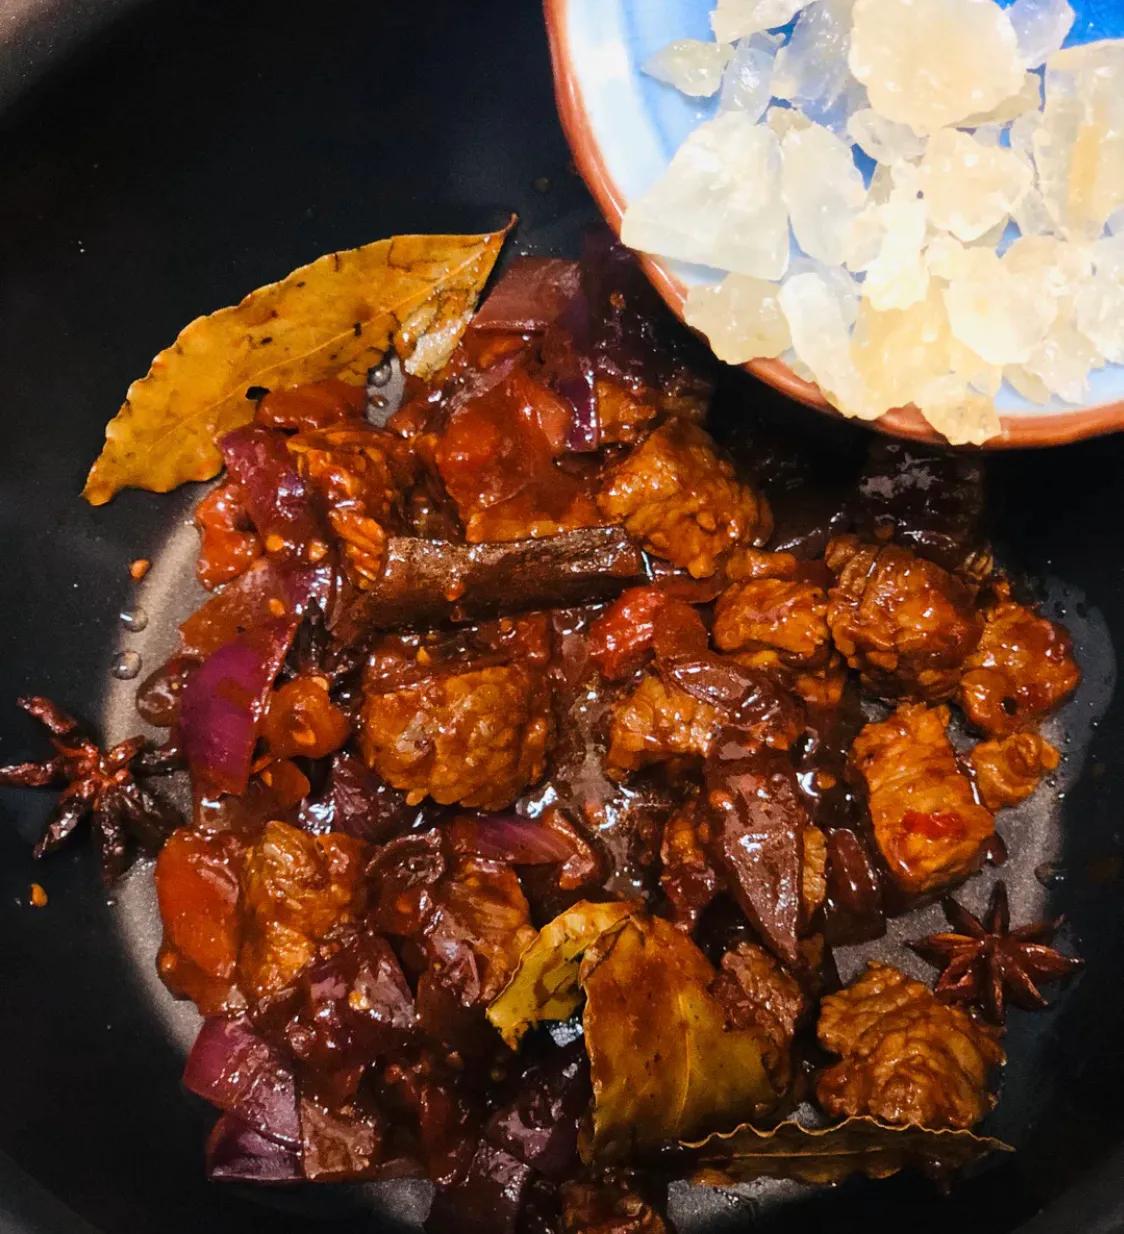 超详细的土豆炖牛肉,学起来吧 美食做法 第10张